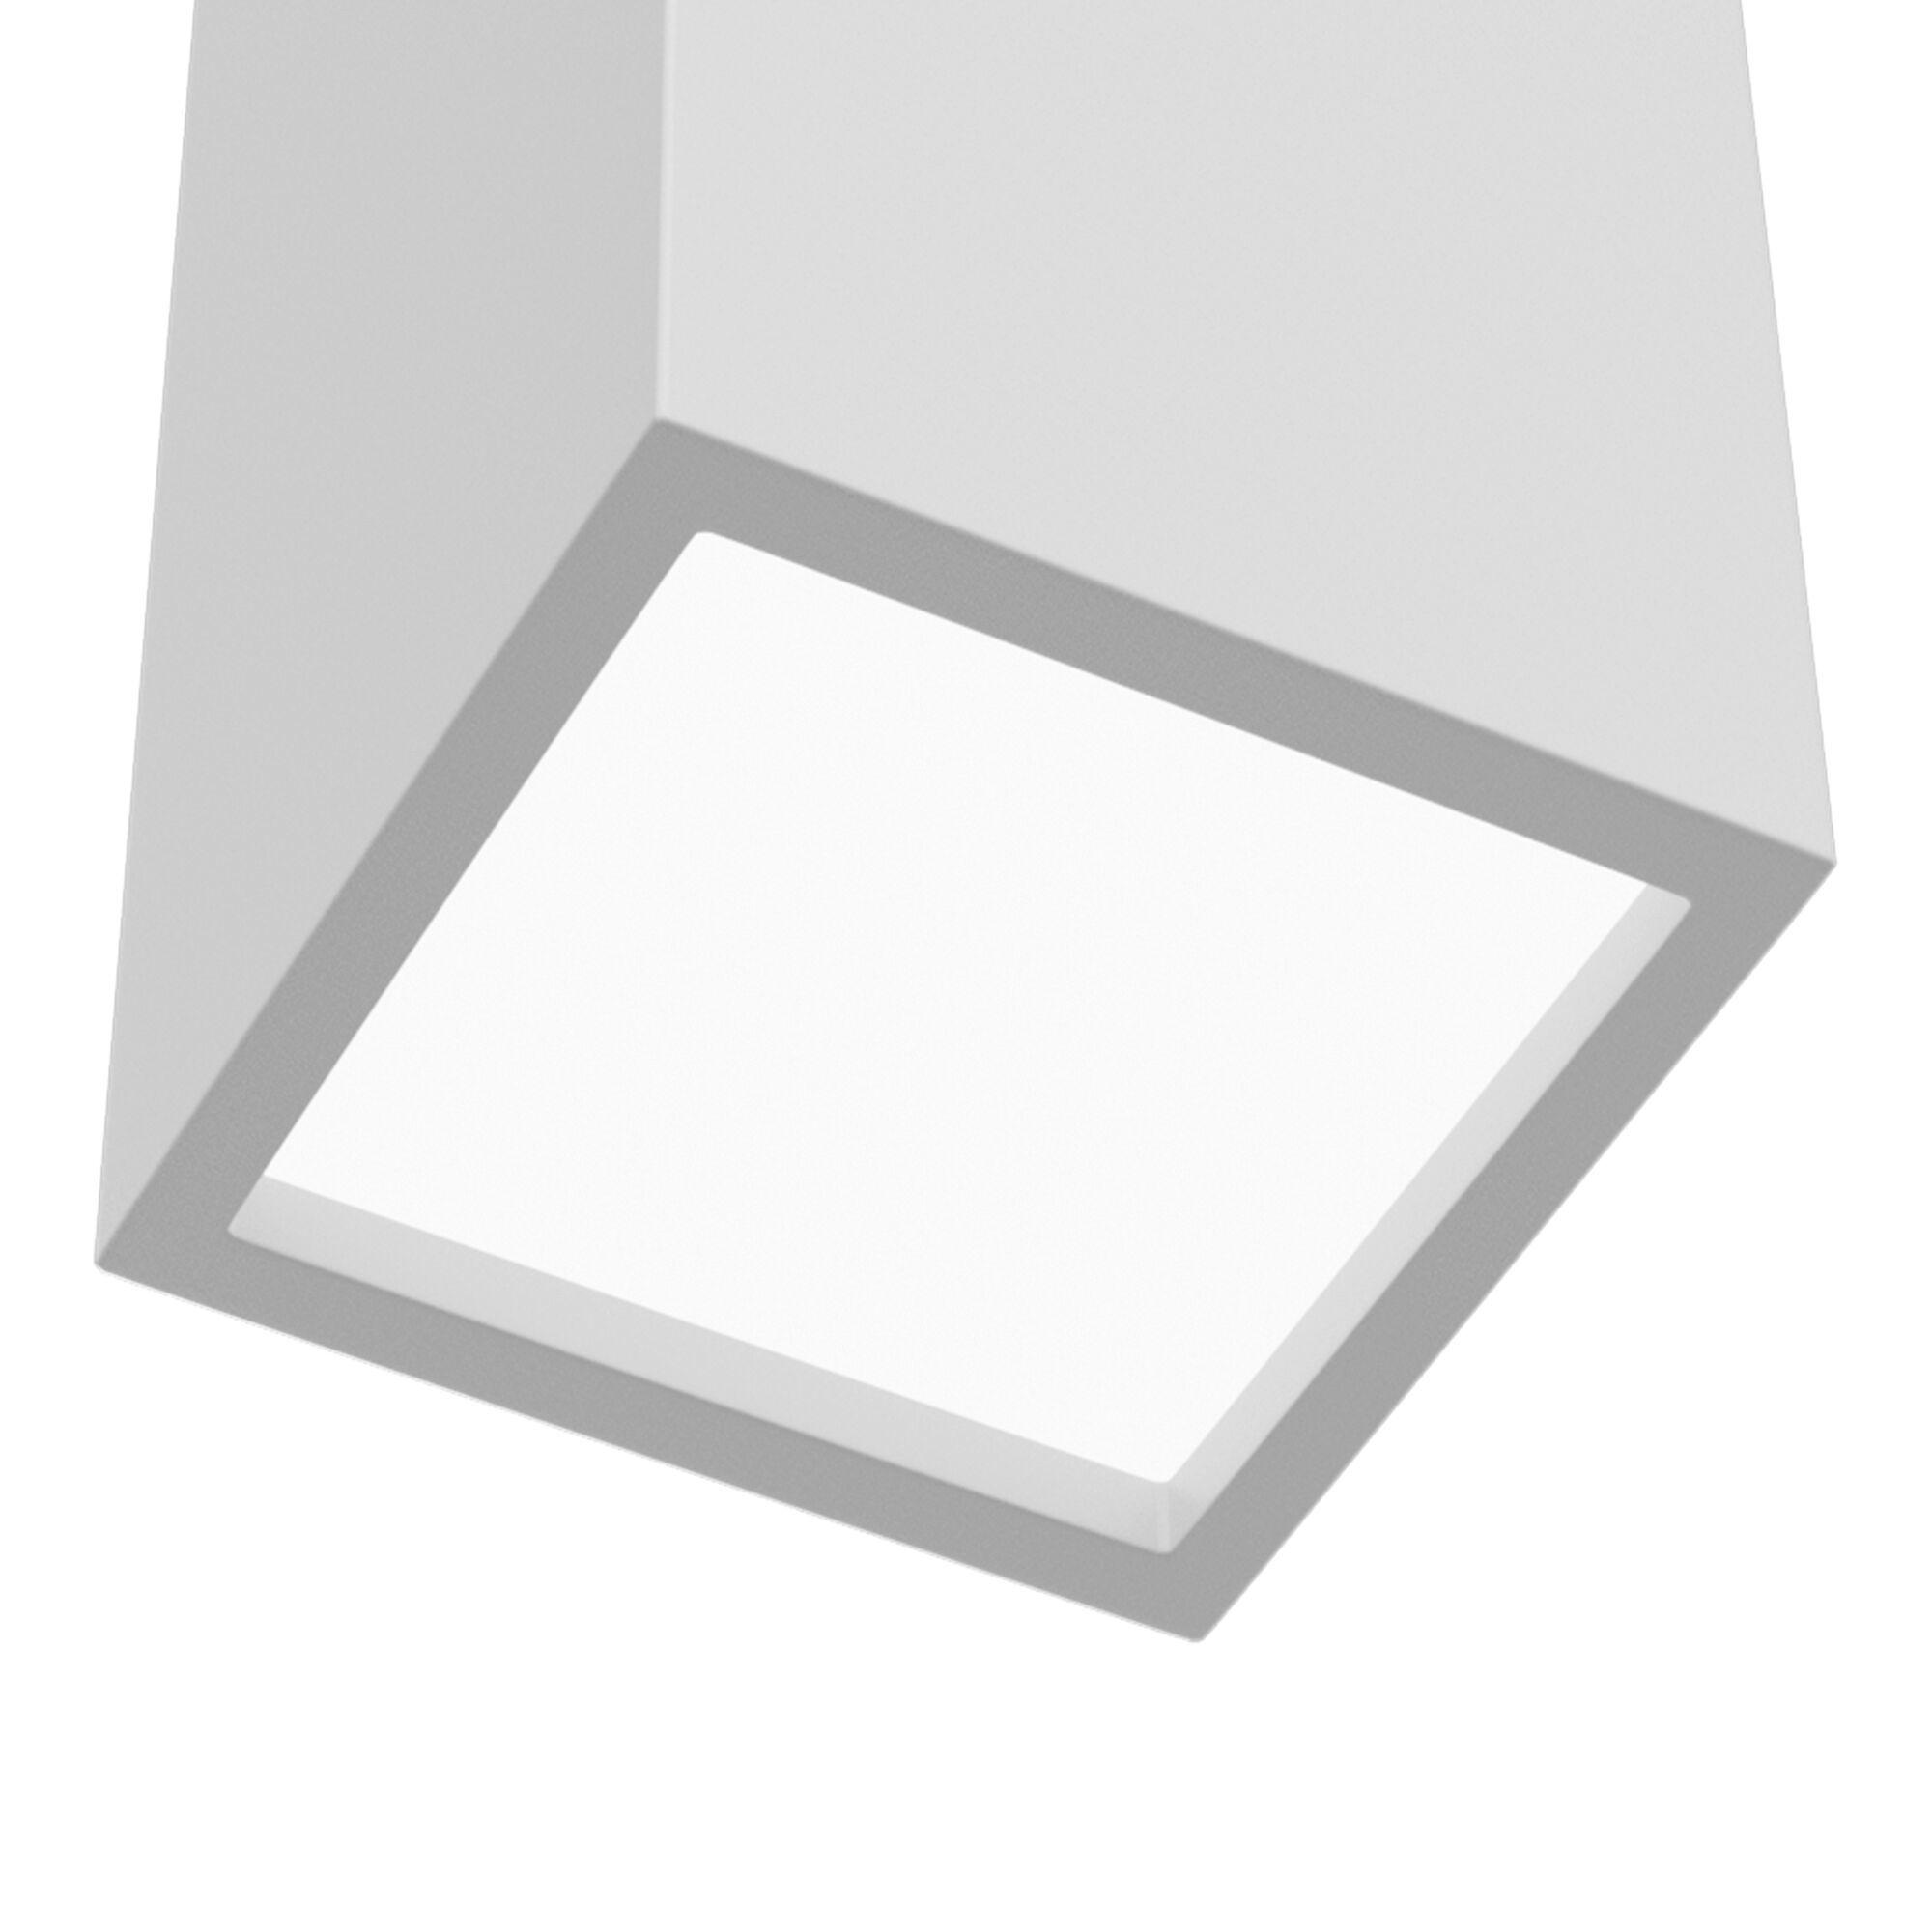 Настенный светильник Maytoni Parma C190-WL-02-W, 2xG9x5W, белый, под покраску, гипс - фото 4